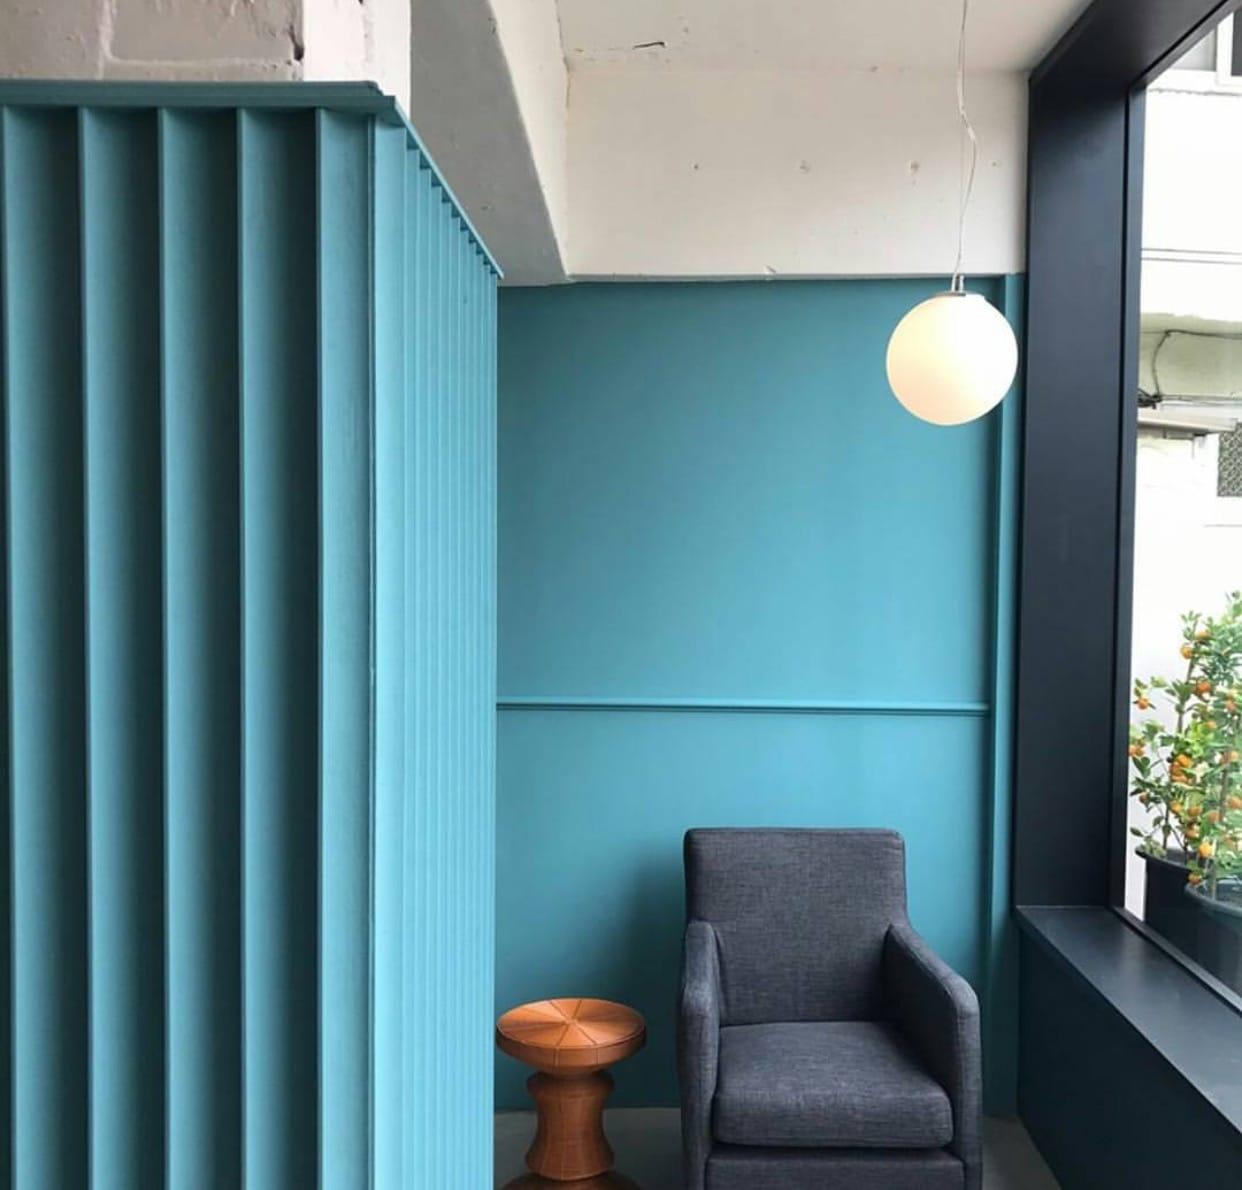 카페의 내부는 전반적인 청록색 인테리어가 차분하고, 감각적인 느낌을 준다. 벽마다 걸려있는 액자와 무심하게 놓인 도자기는 작은 미술관을 연상시킨다. 테이블은 널찍한 소파로 이루어져 편안하게 시간을 보내기 좋다.